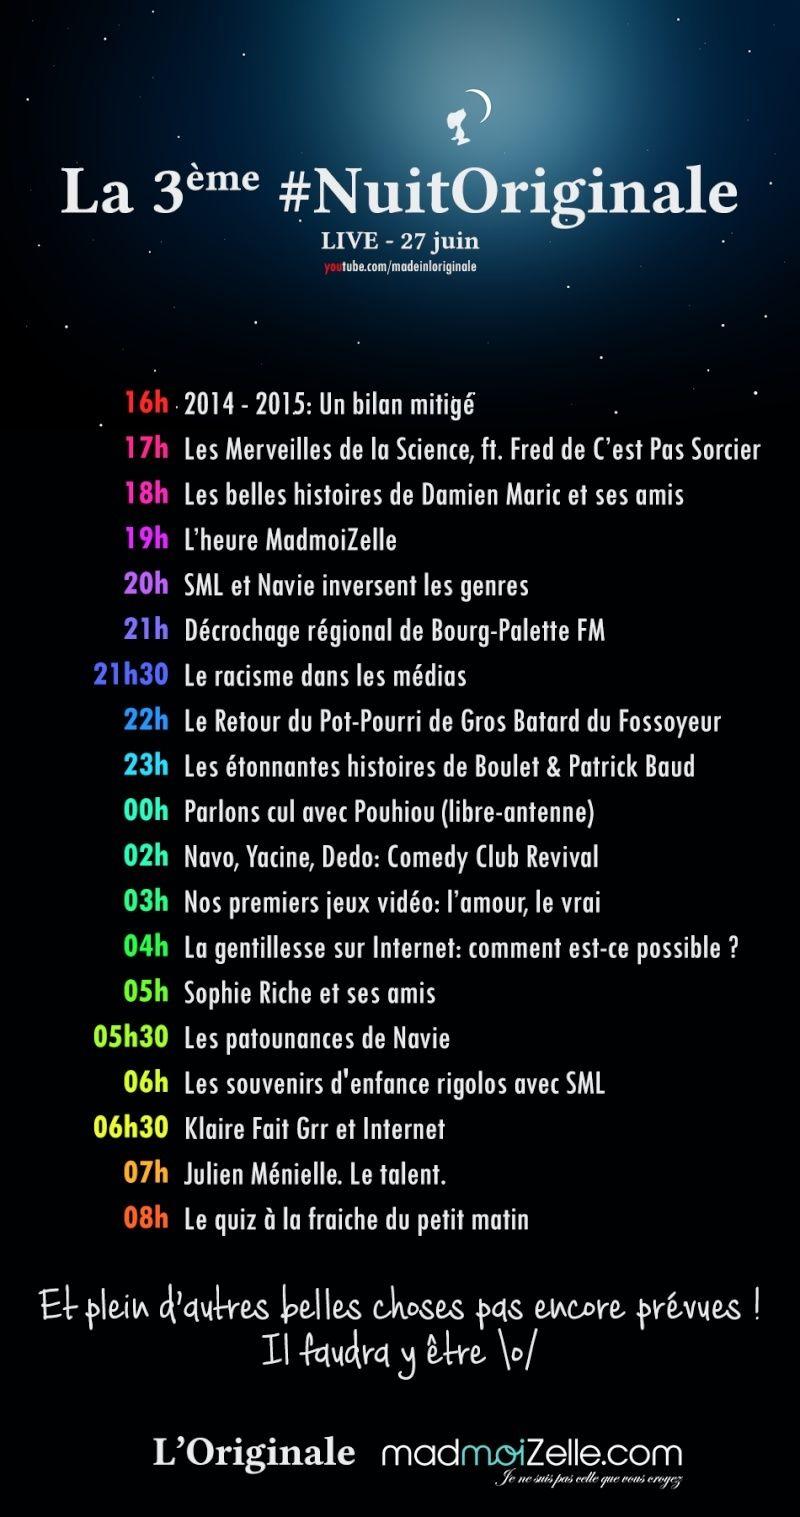 [Live] Frenchnerdiens dans La 3eme Nuit Originale ? (27 juin 2015) - Page 2 Cicdeq10